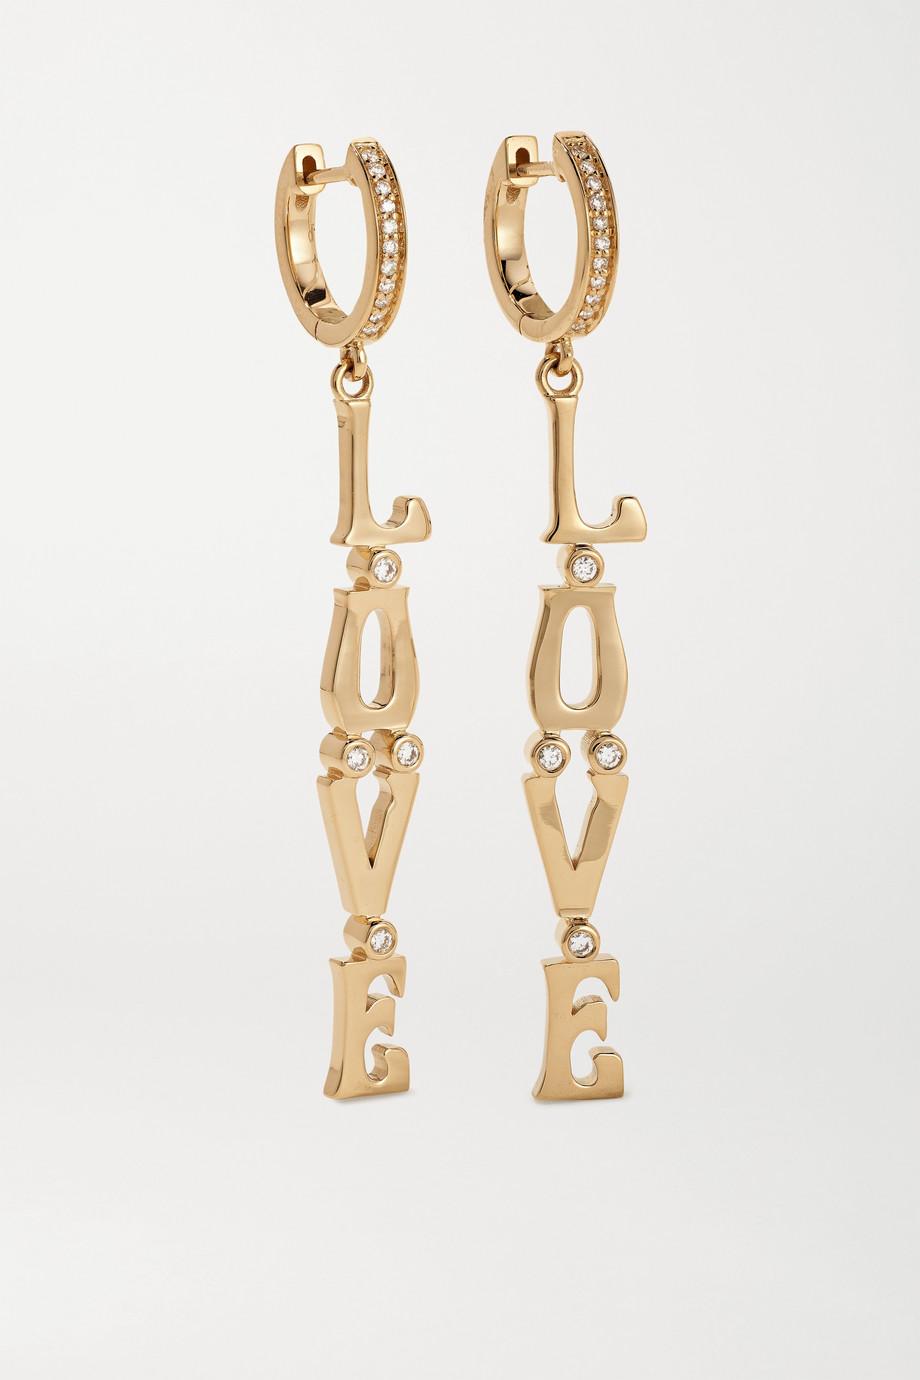 Marlo Laz Love 14-karat gold diamond earrings